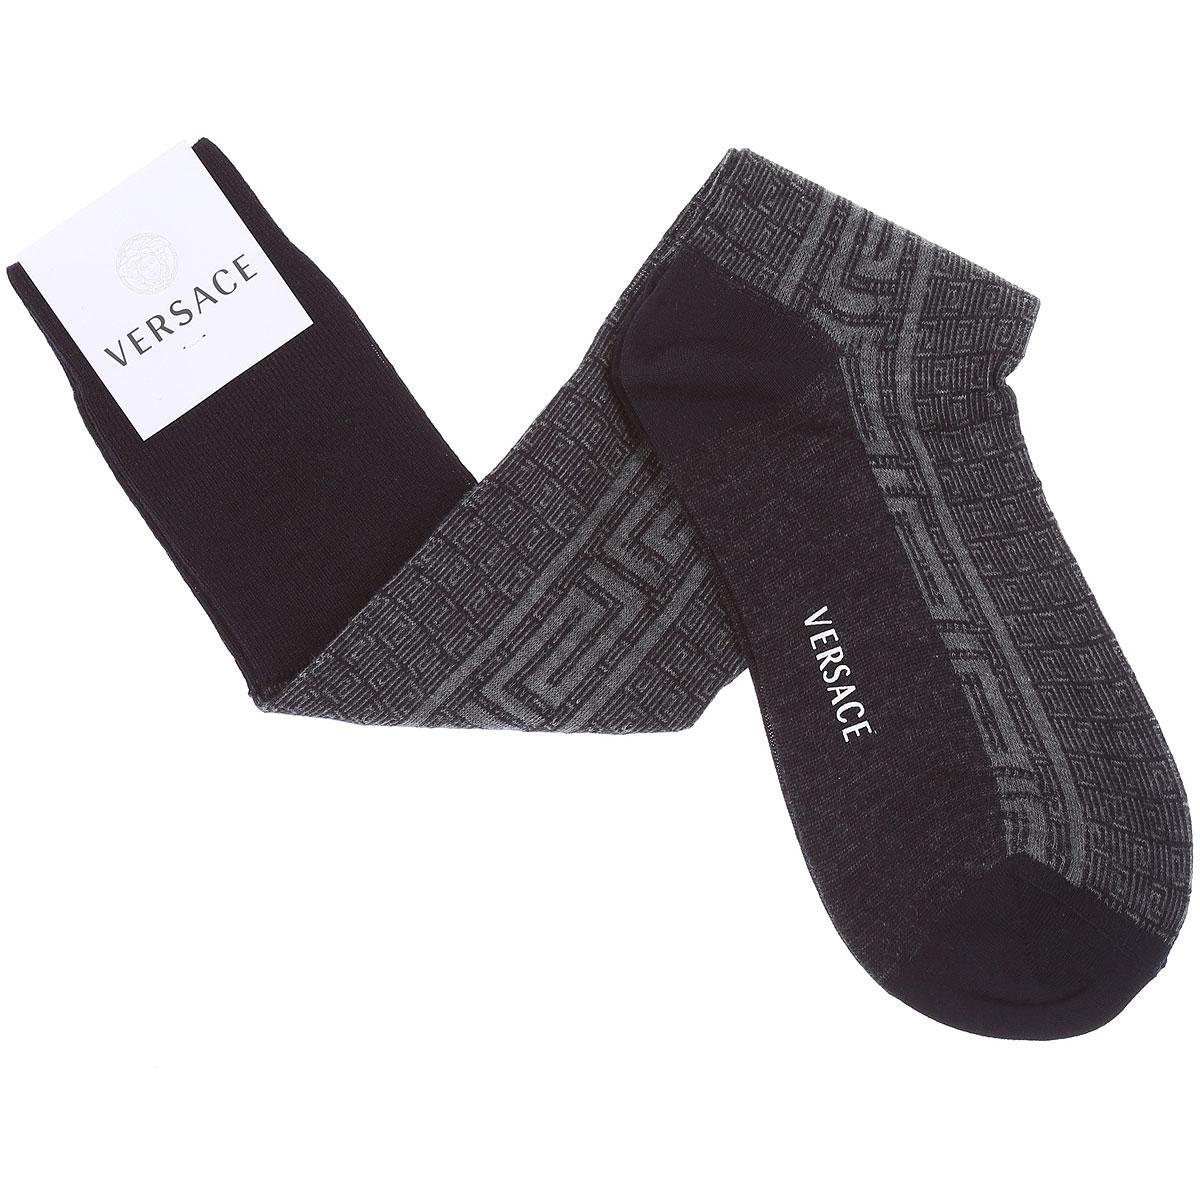 Versace Socks Socks for Men On Sale, Black, Wool, 2019, 10 (Shoe Size: EU 42 - US 8) 11 (Shoe Size: EU 43 - US 9)